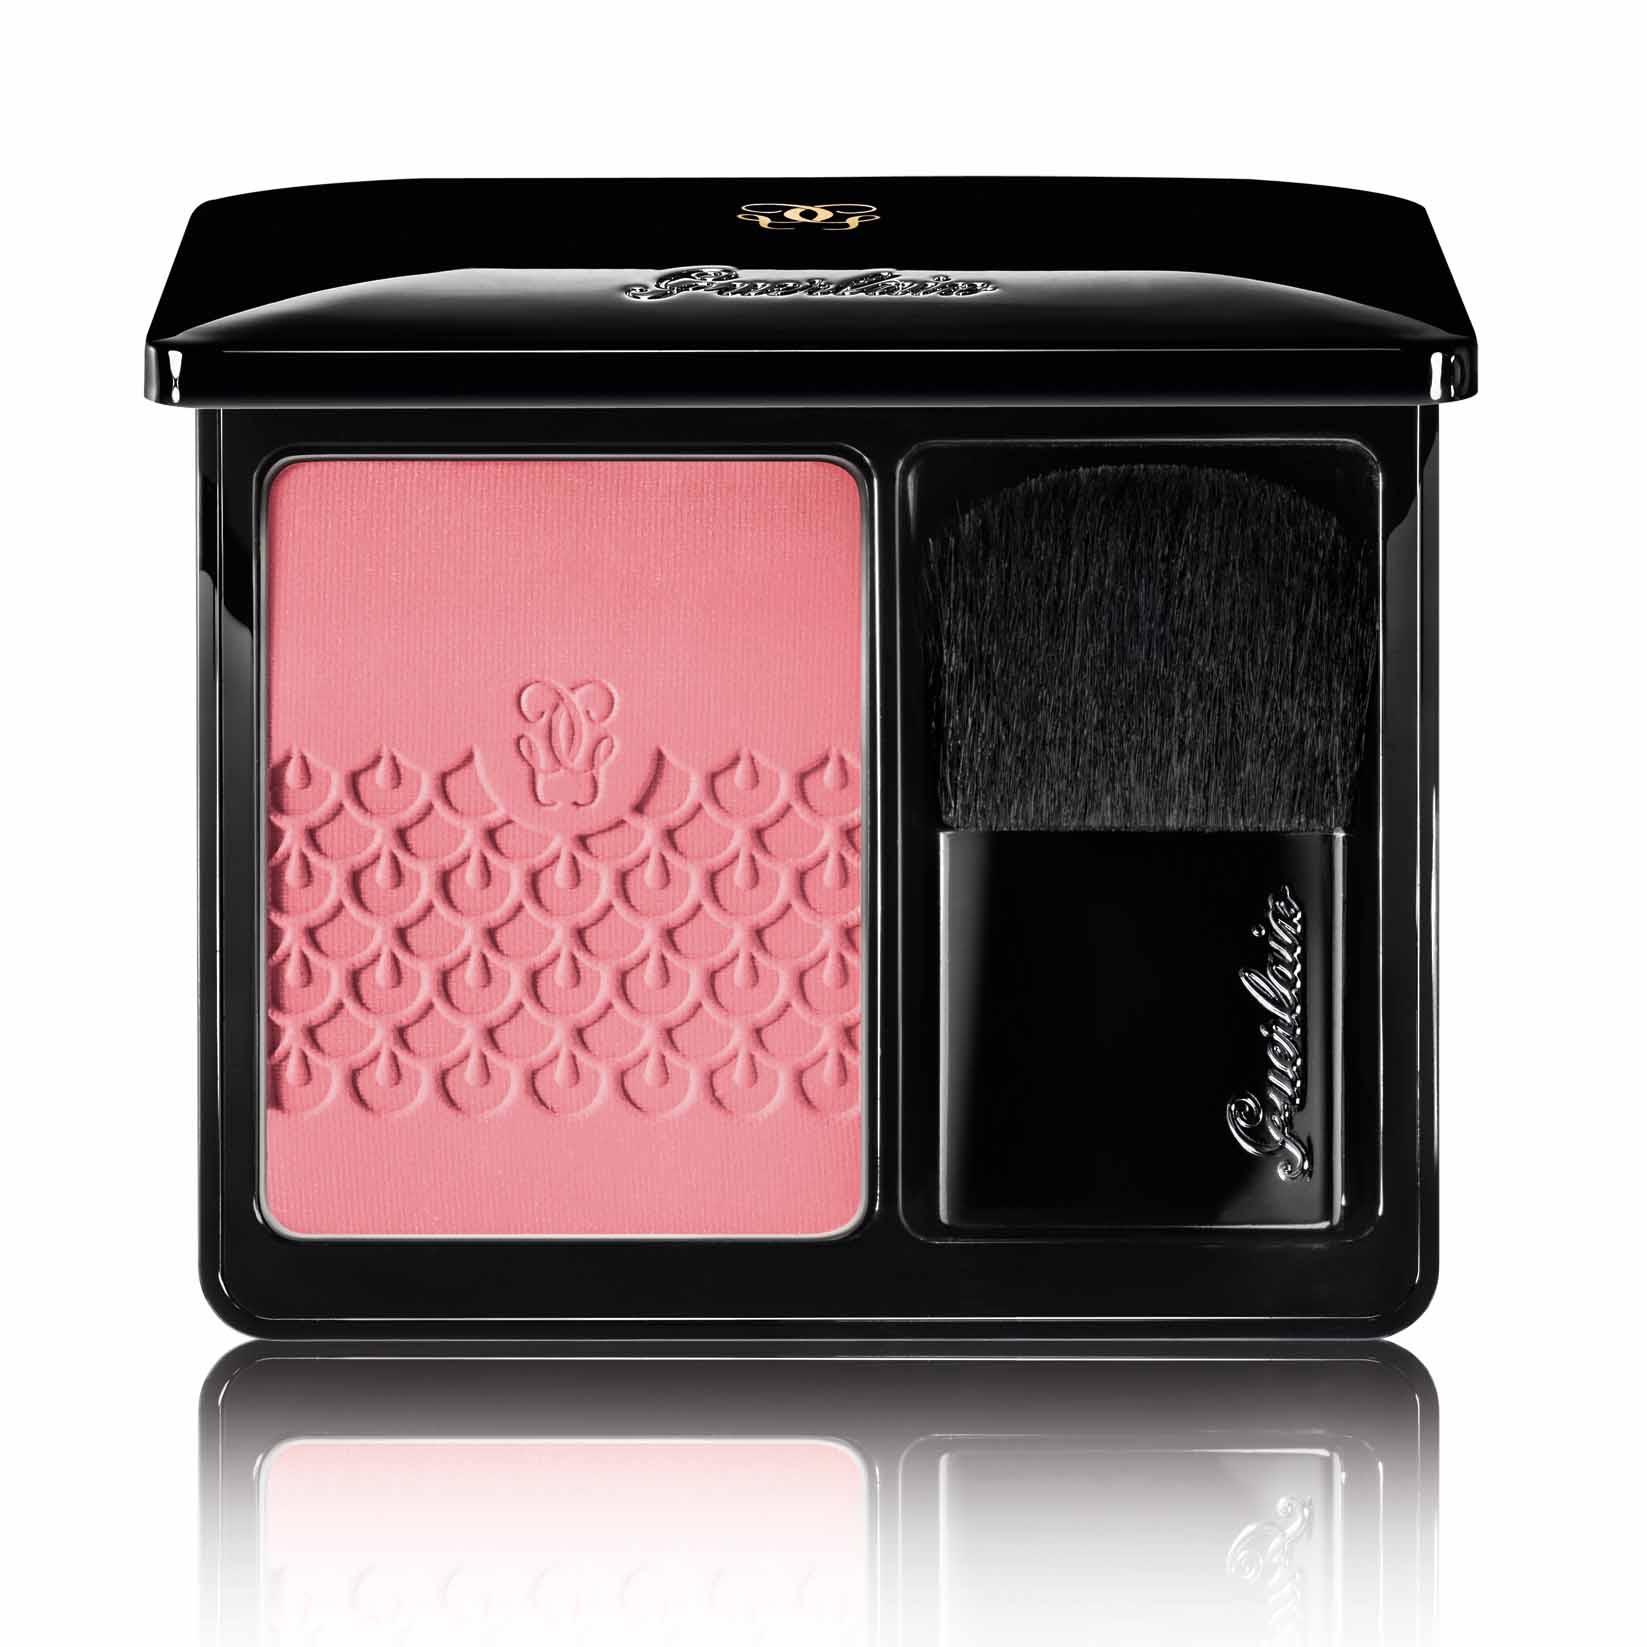 1.晨曦薔薇:清新的粉紅色/ 2.時尚粉:柔和的磚紅色,添加細緻的金色珠光/ 3.蜜桃派對:柔嫩的珊瑚色 / 6.粉起來:活力十足的粉紅色。